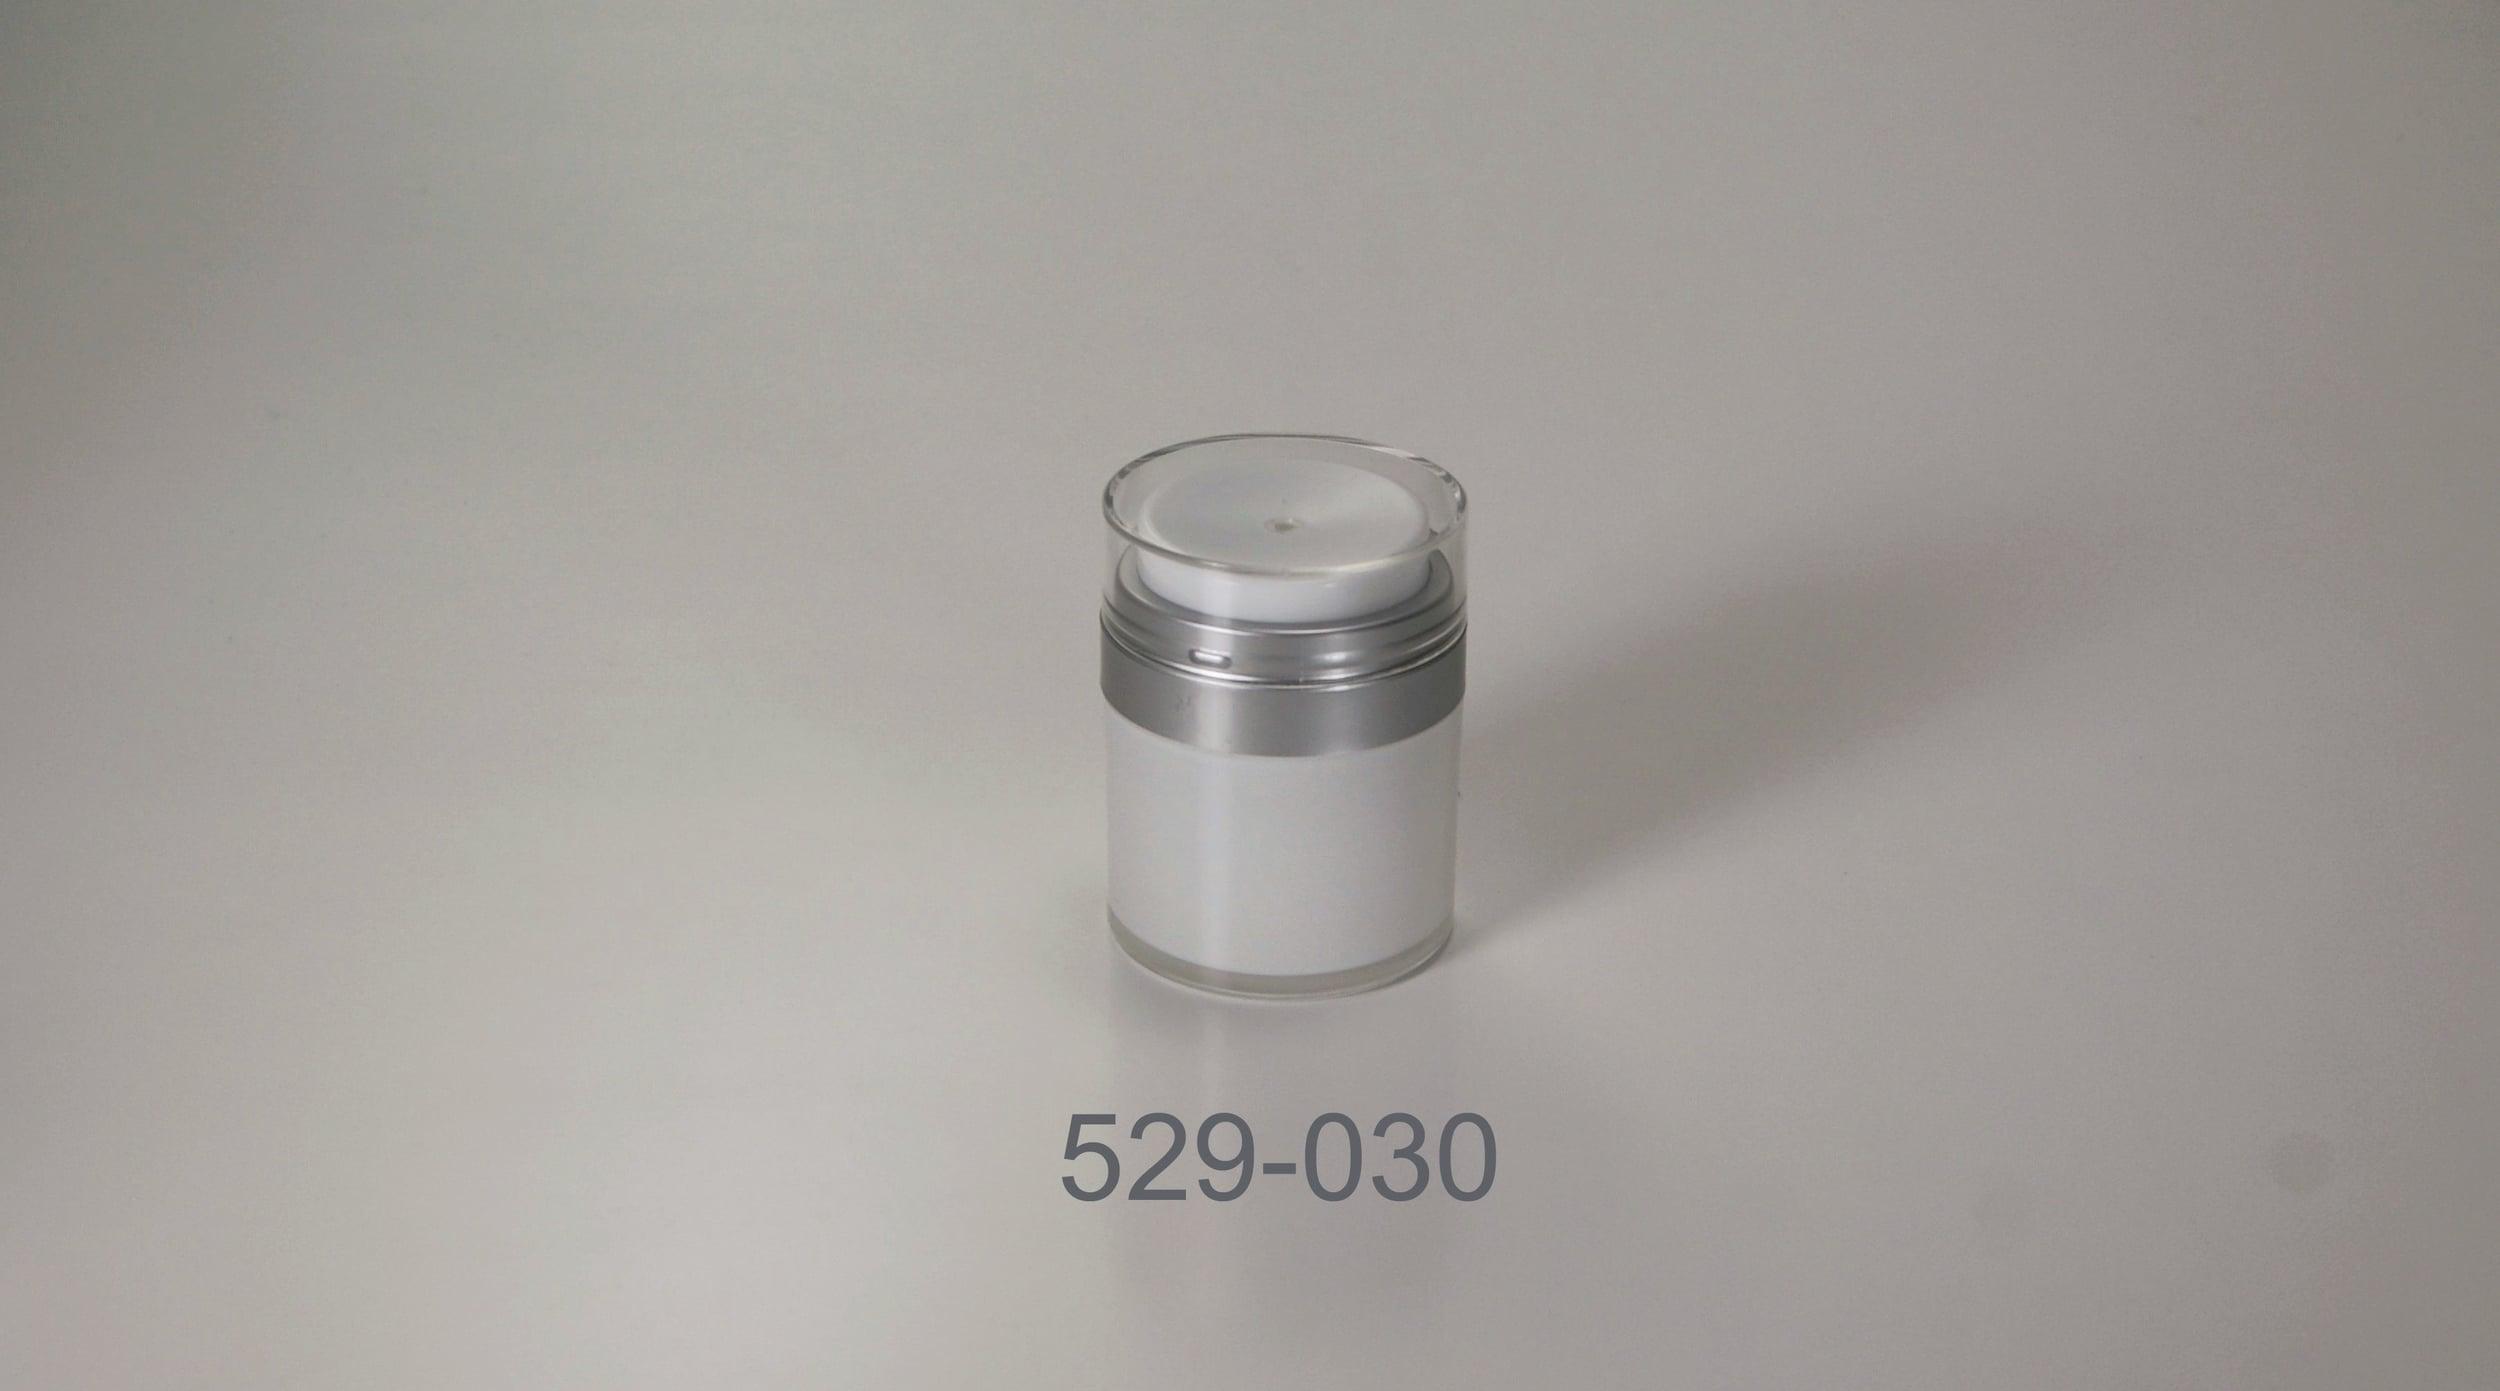 529-030.jpg